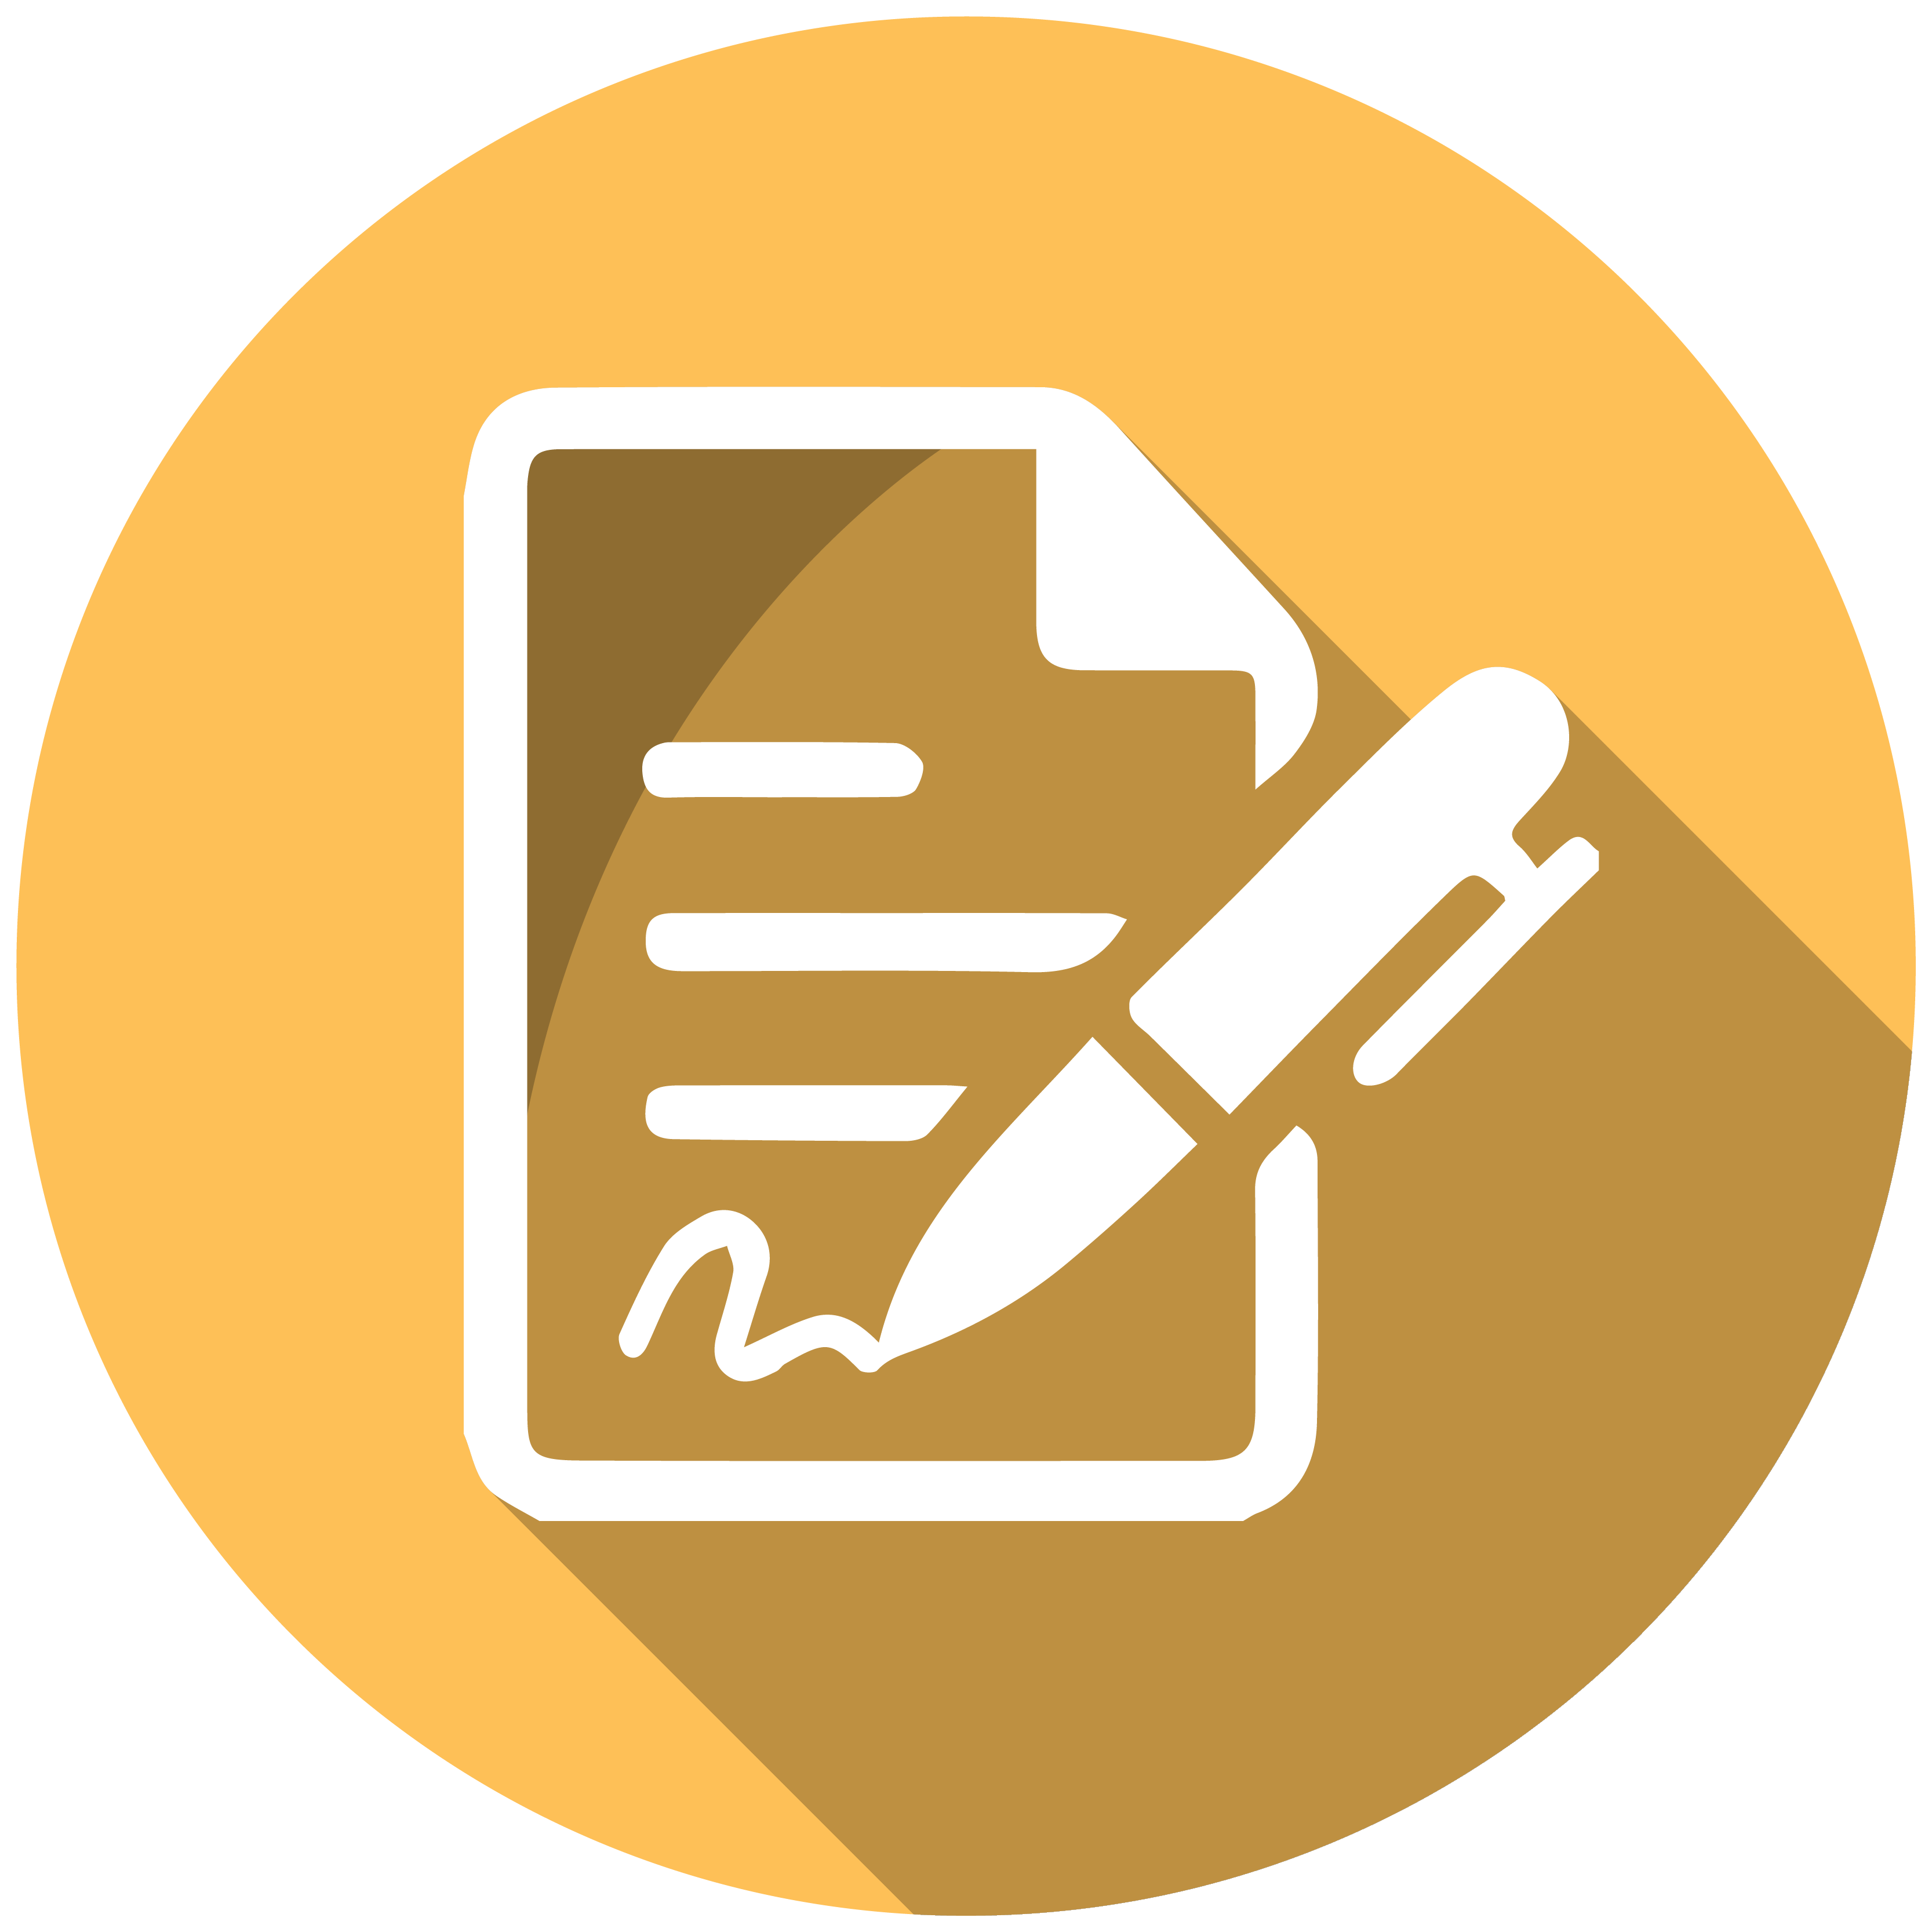 دانلود گزارشات دورة كارآموزي و كارورزي وكالت (با موضوع بيمه) -کامل و جامع